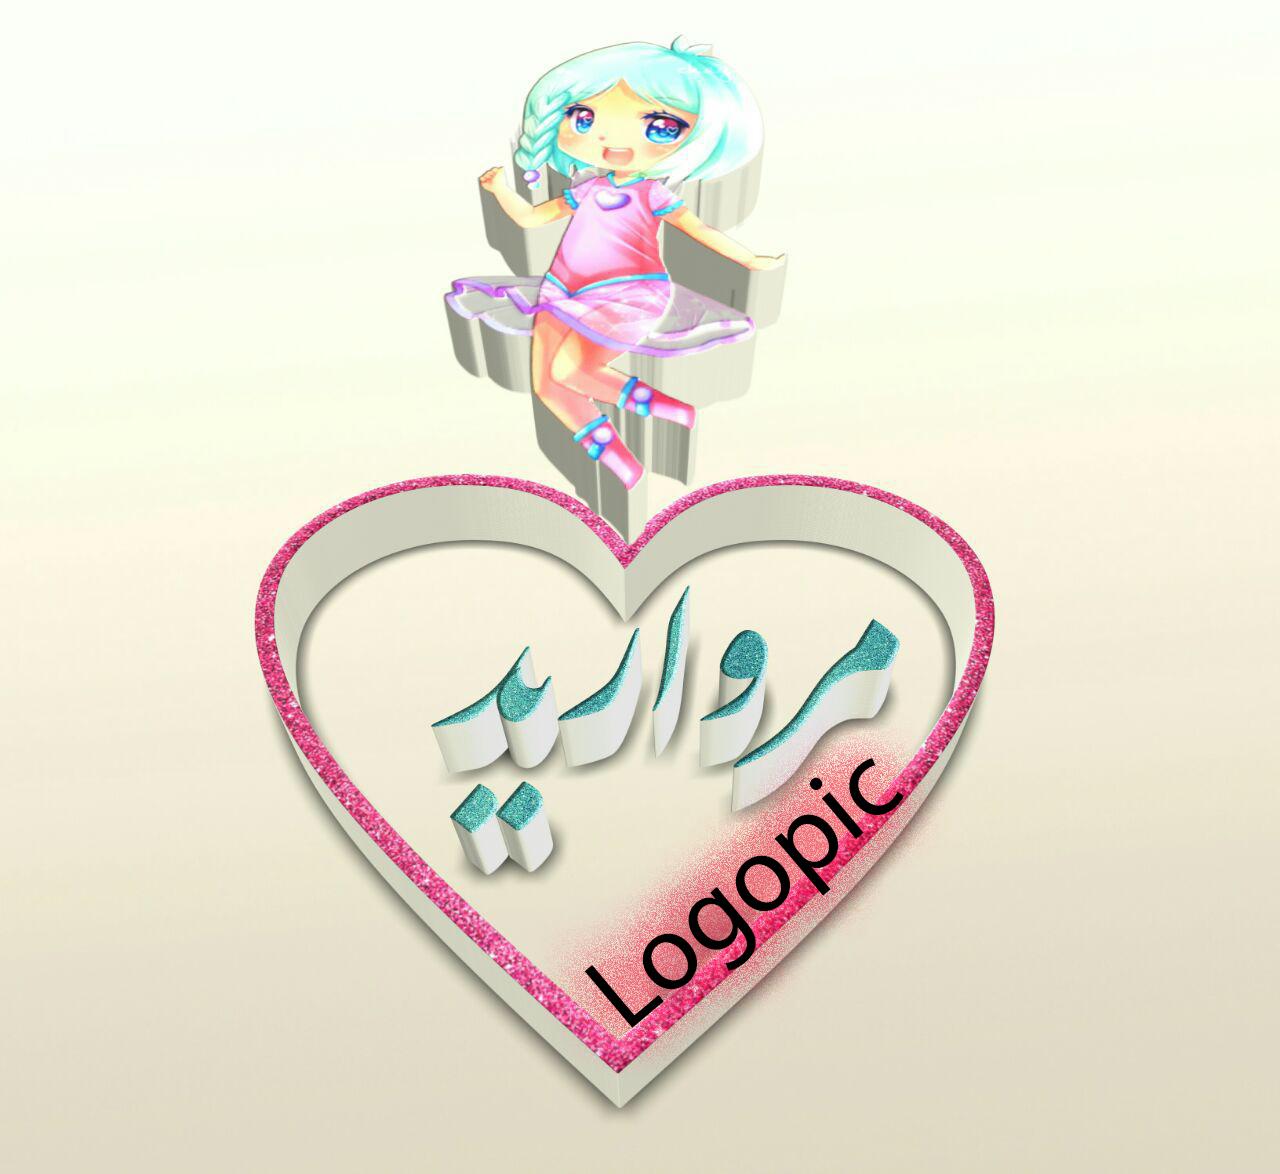 طراحی اسم مروارید :: لوگو پروفایللوگوی سه بعدی اسم مروارید برای پروفایل